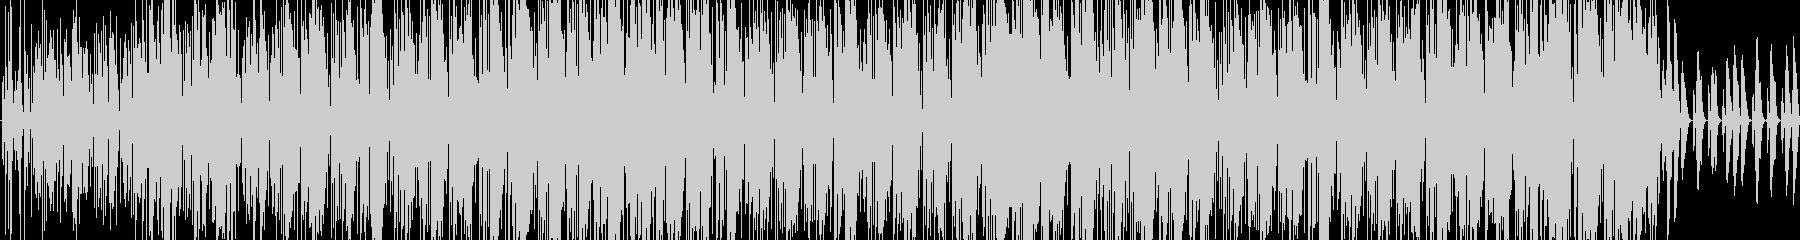 サルサ。シンプルなピアノコードとグ...の未再生の波形